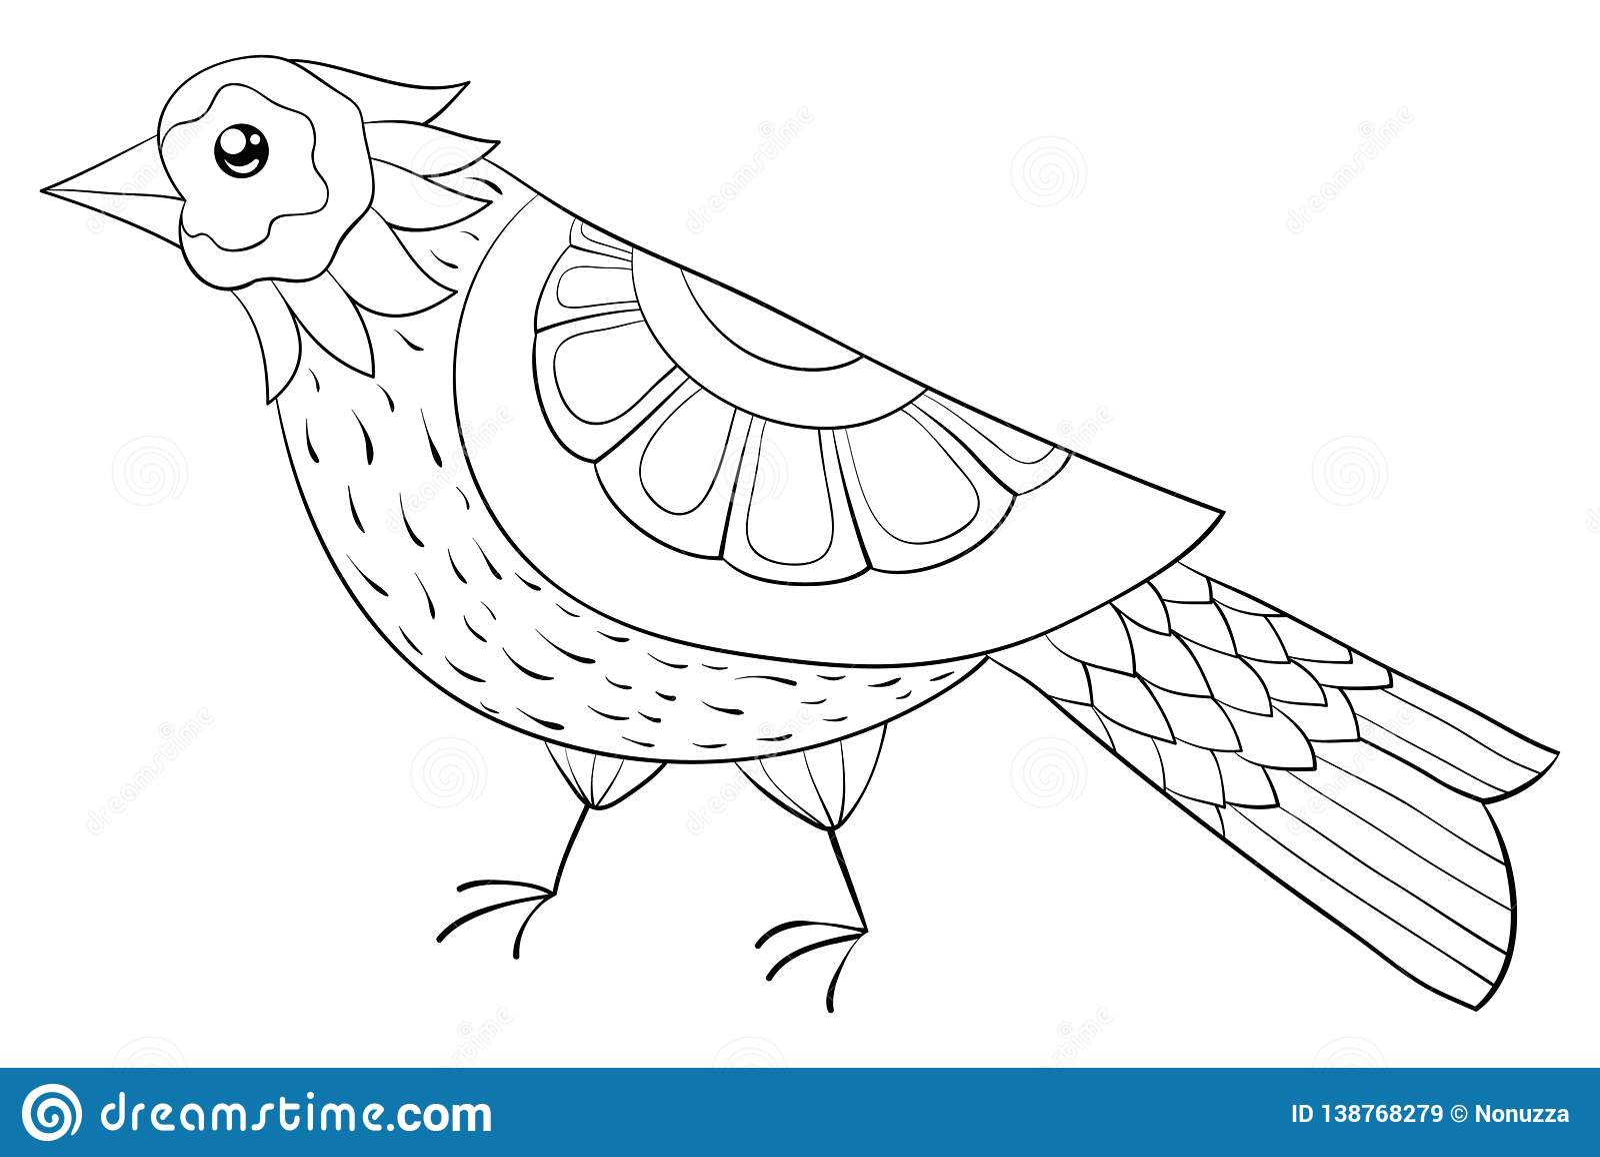 Livre De Coloriage Adulte, Page Une Image Mignonne D'oiseau Pour La Détente  Illustration D'art De Zen Illustration de Vecteur - Illustration du dessin,  floral: 138768279